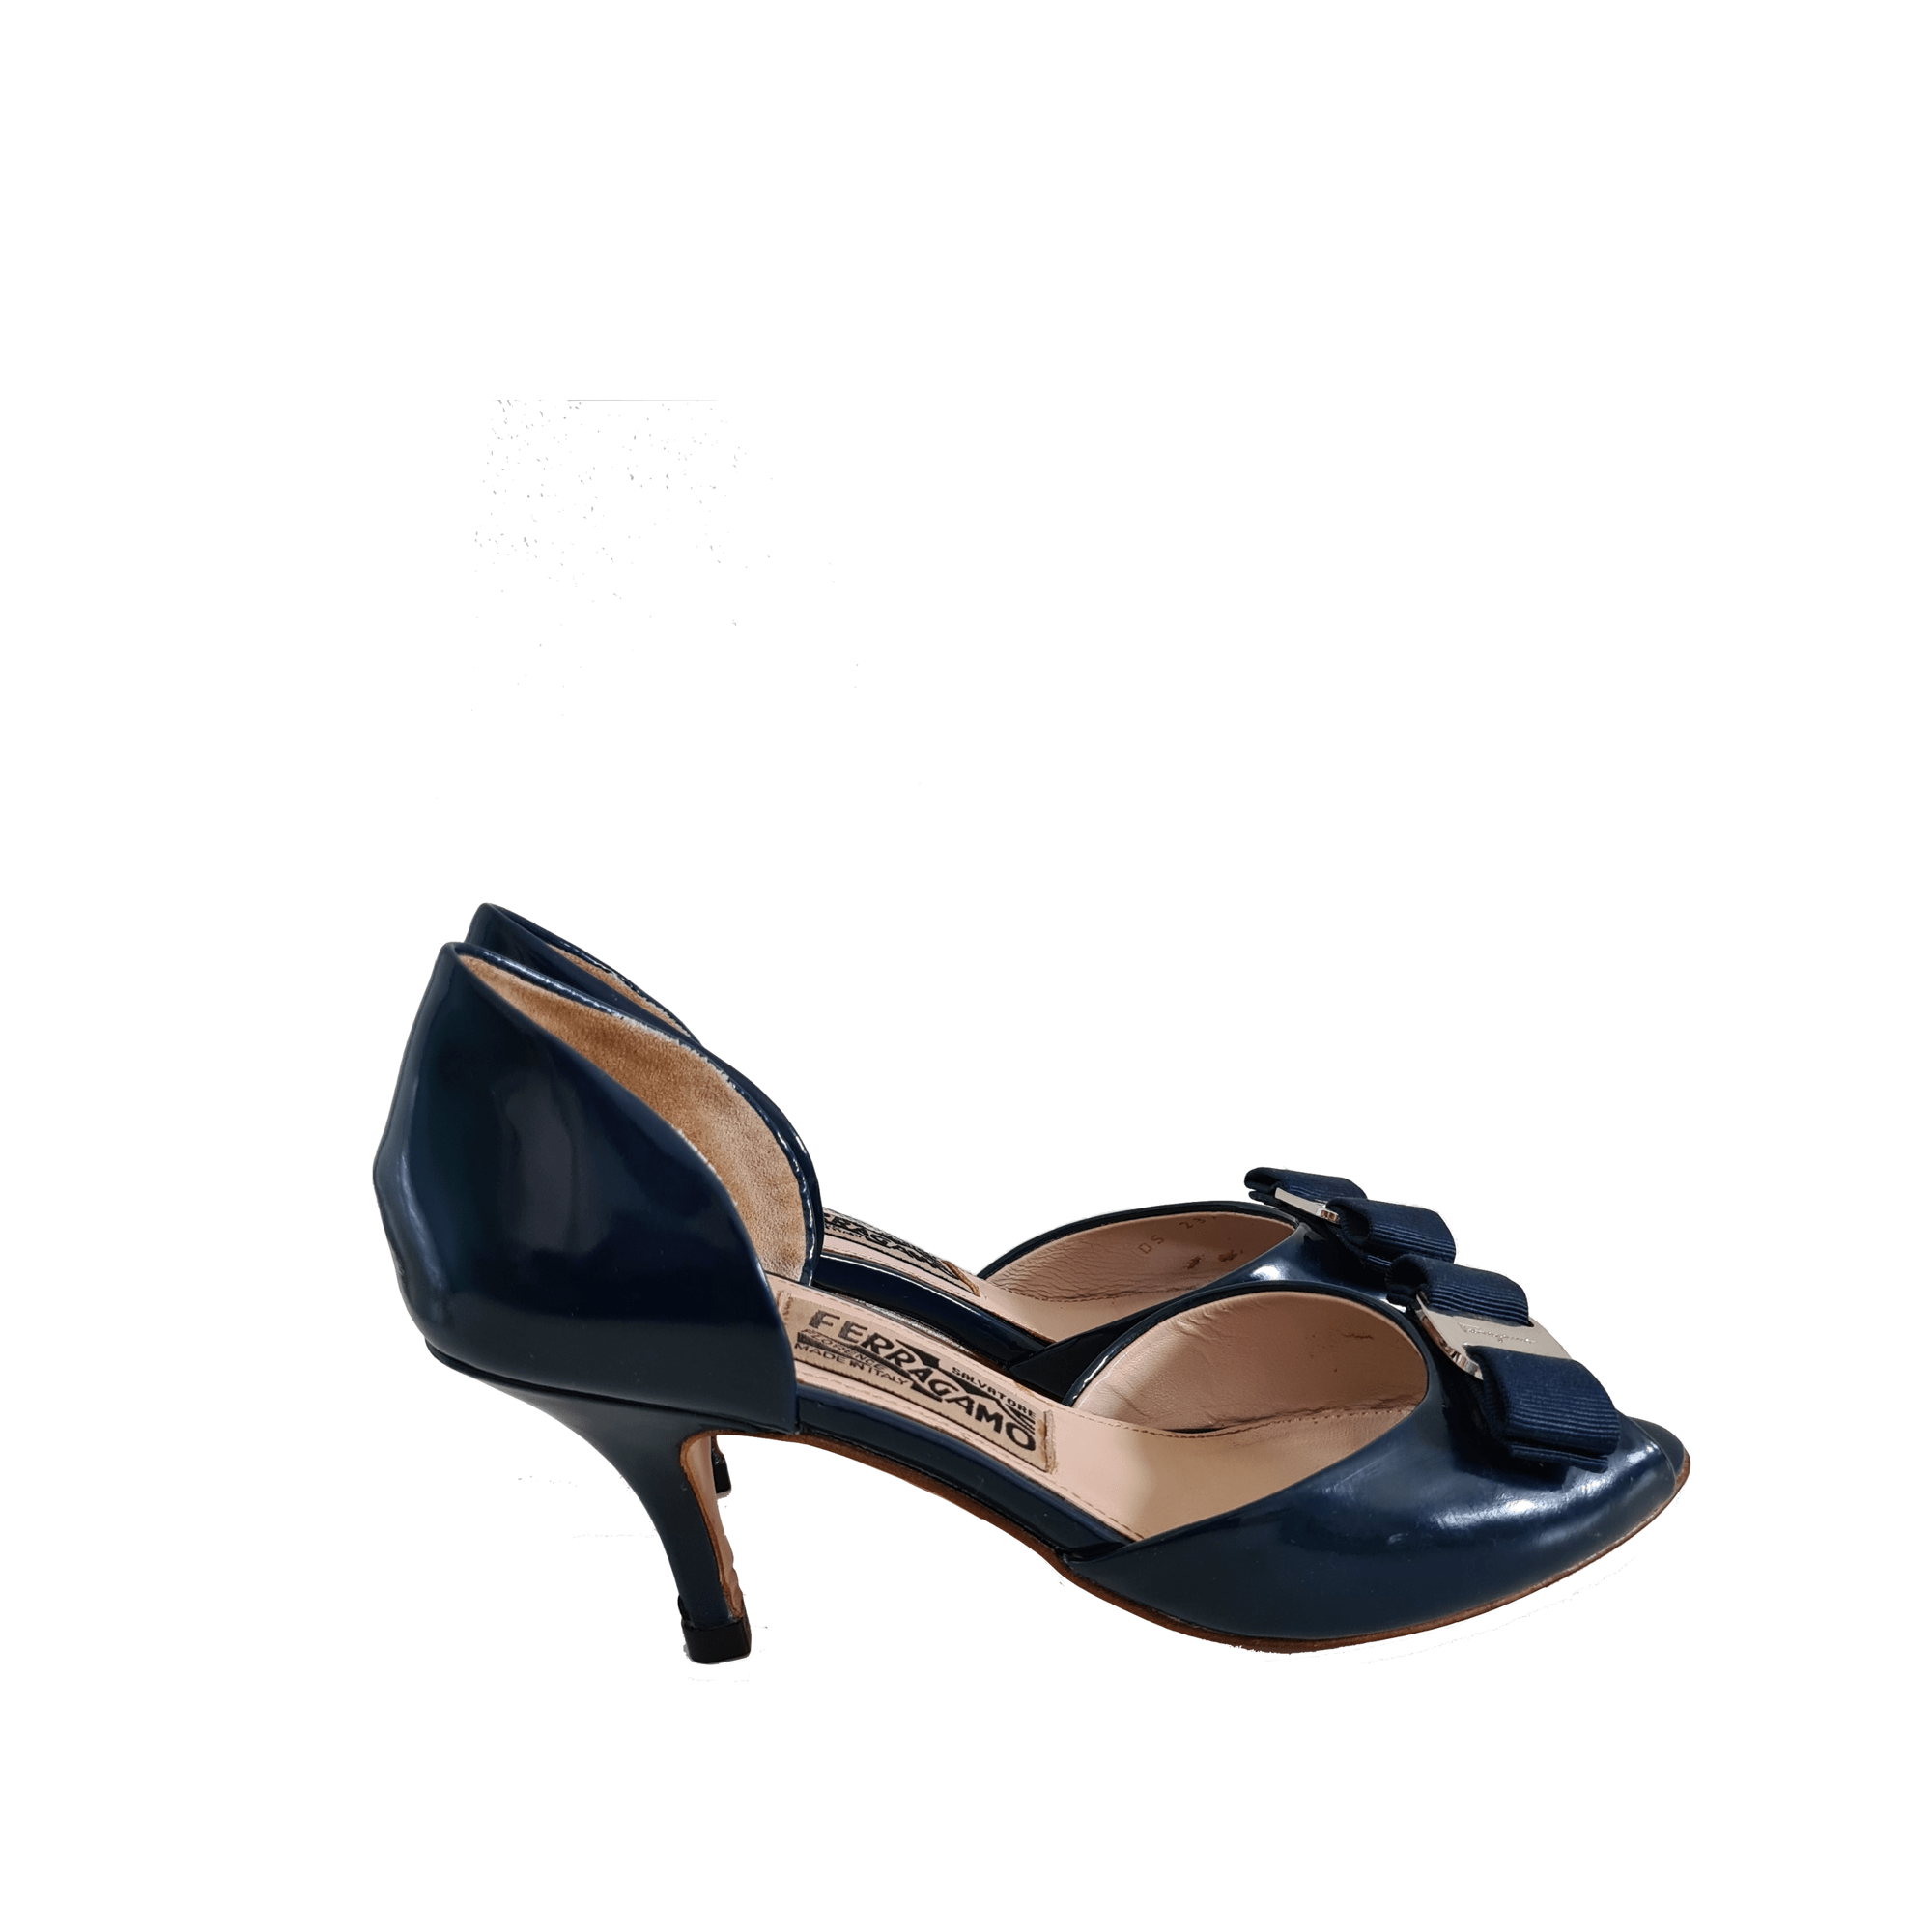 Escarpins SALVATORE FERRAGAMO Bleu, bleu marine, bleu turquoise